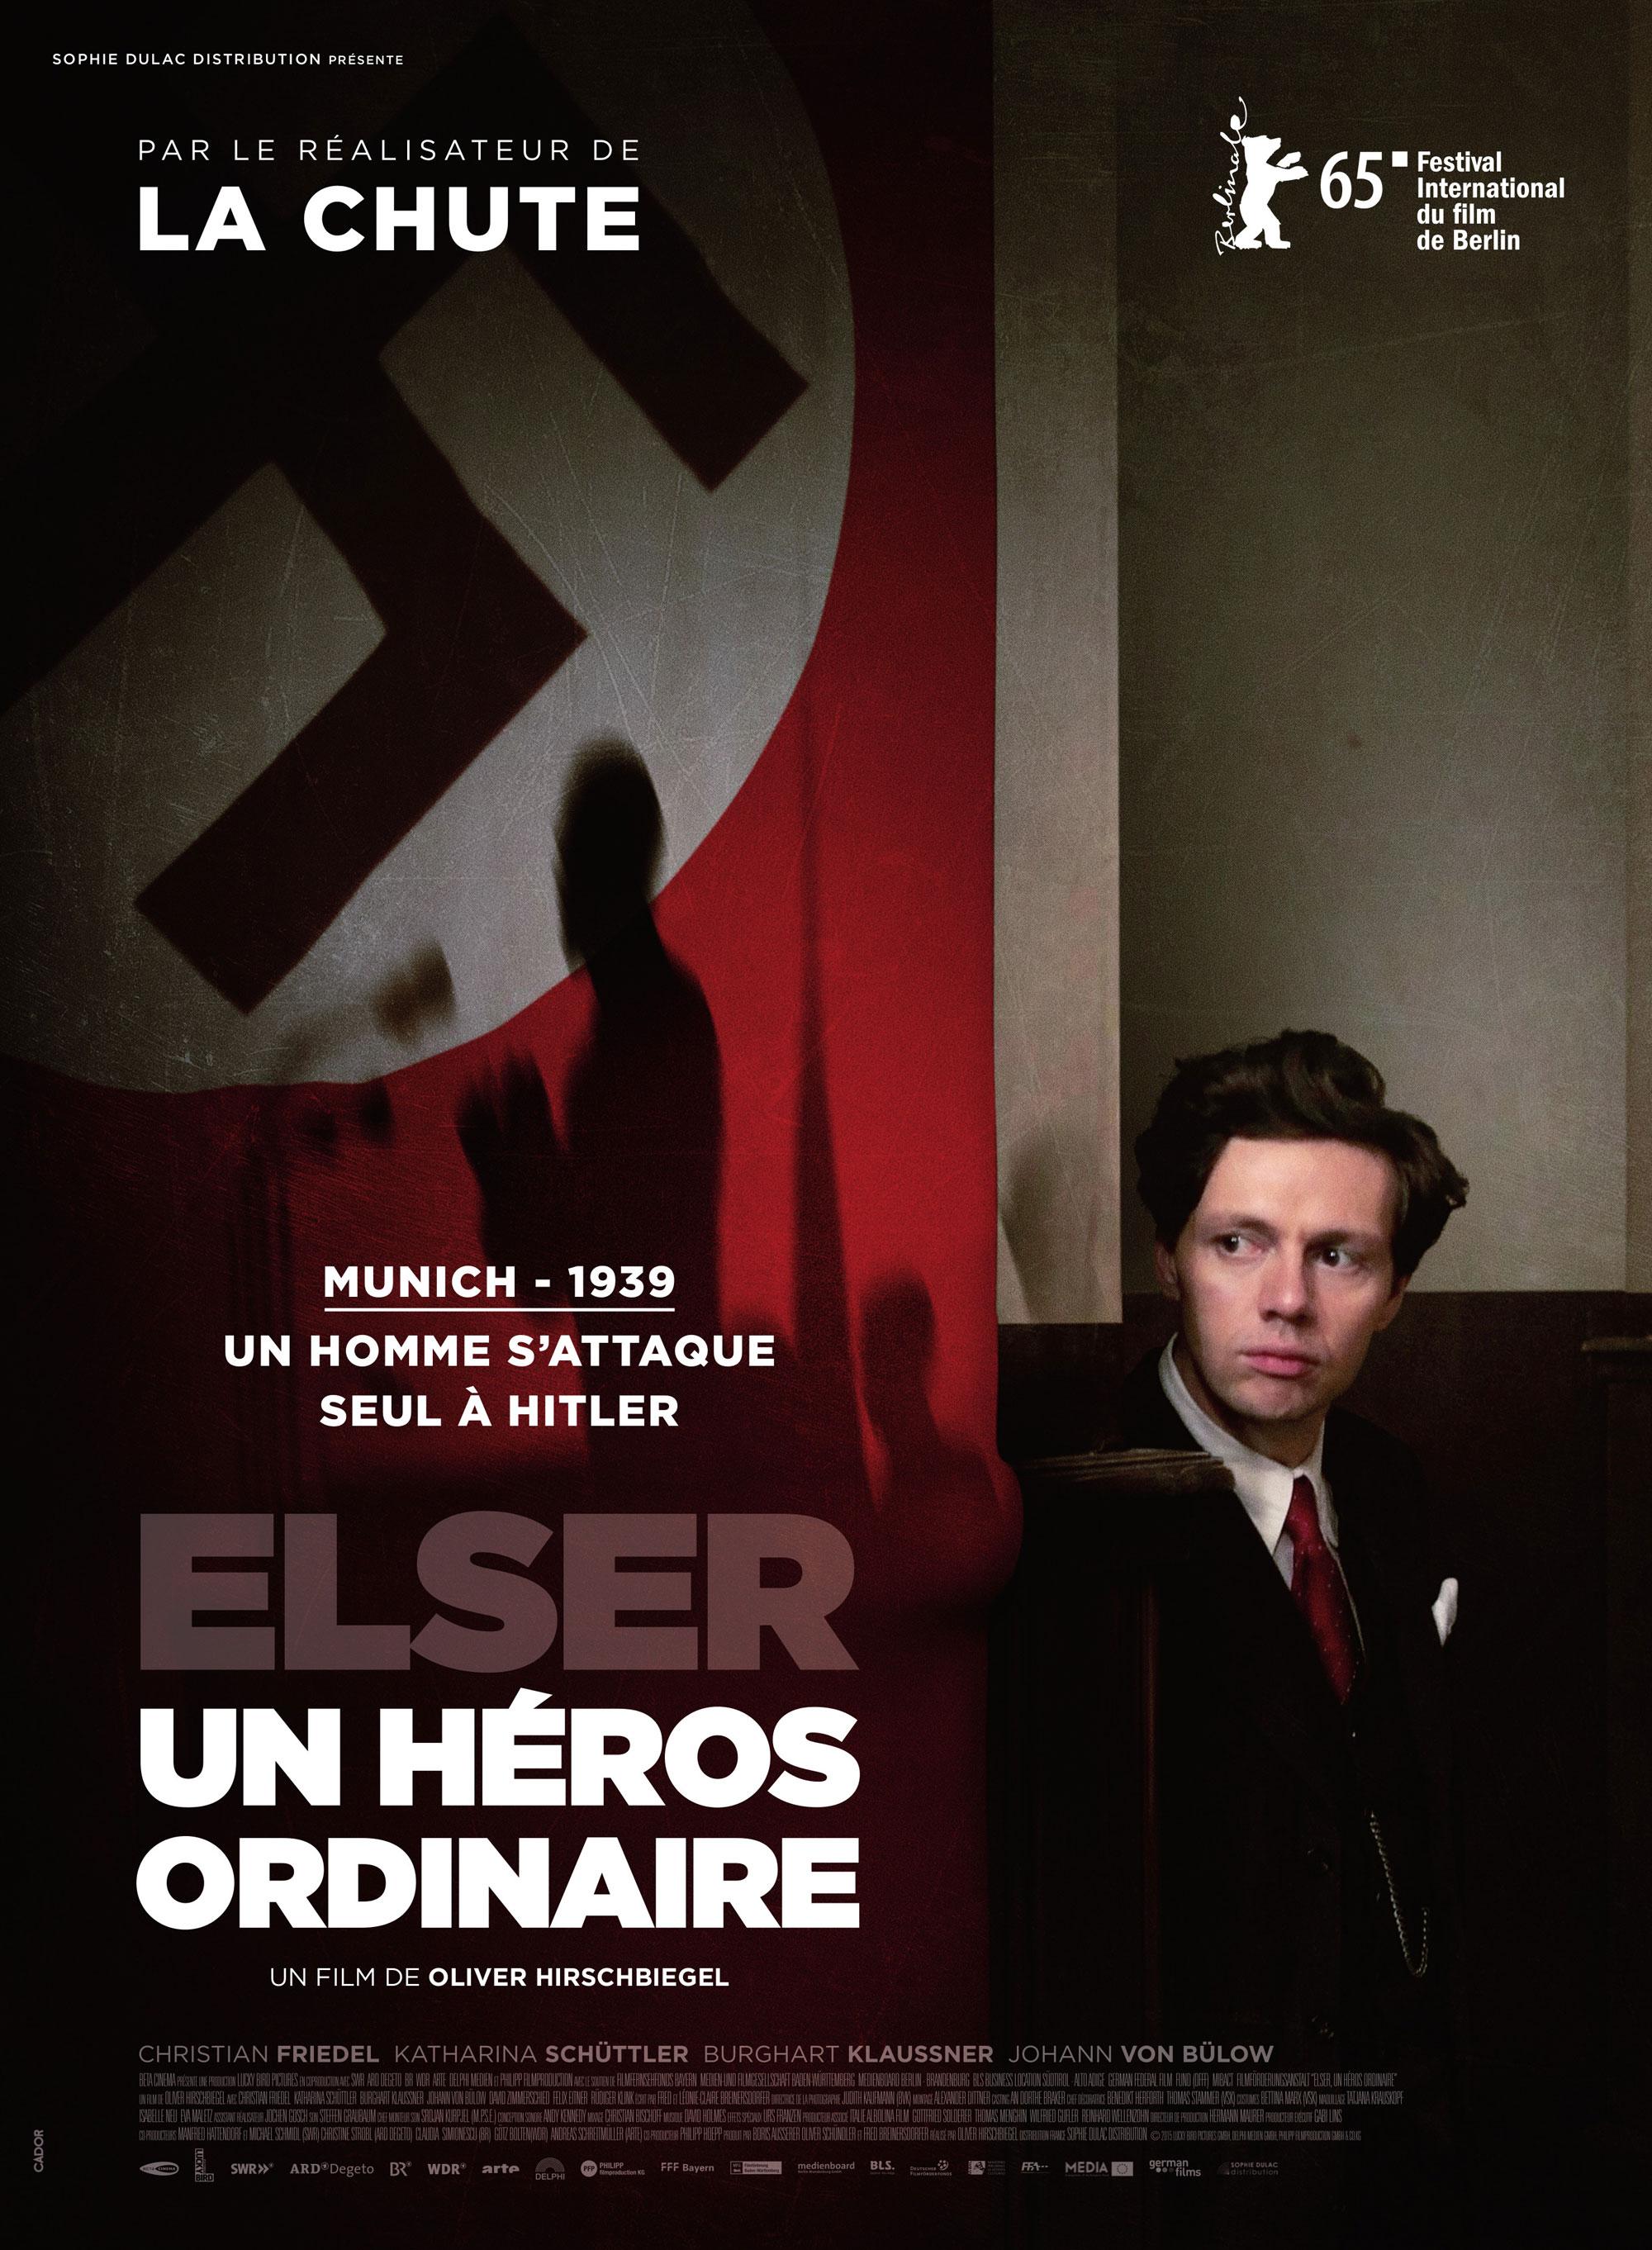 Elser, un héros ordinaire - Affiche